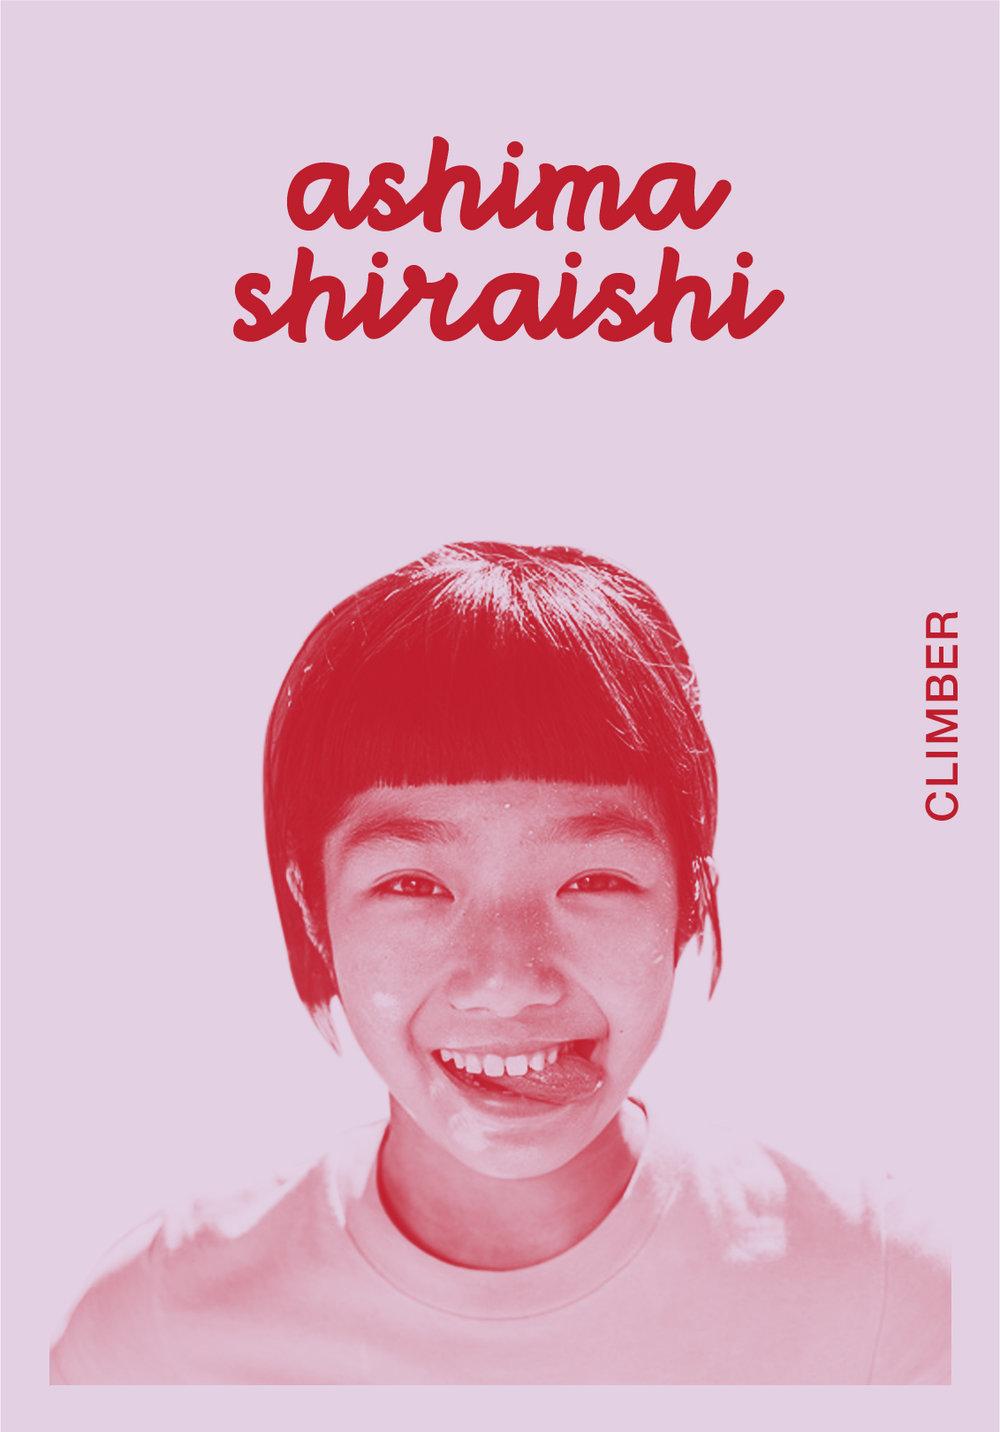 Ashima Shiraishi    @ASHIMASHIRAISHI   IG: ASHIMASHIRAISHI